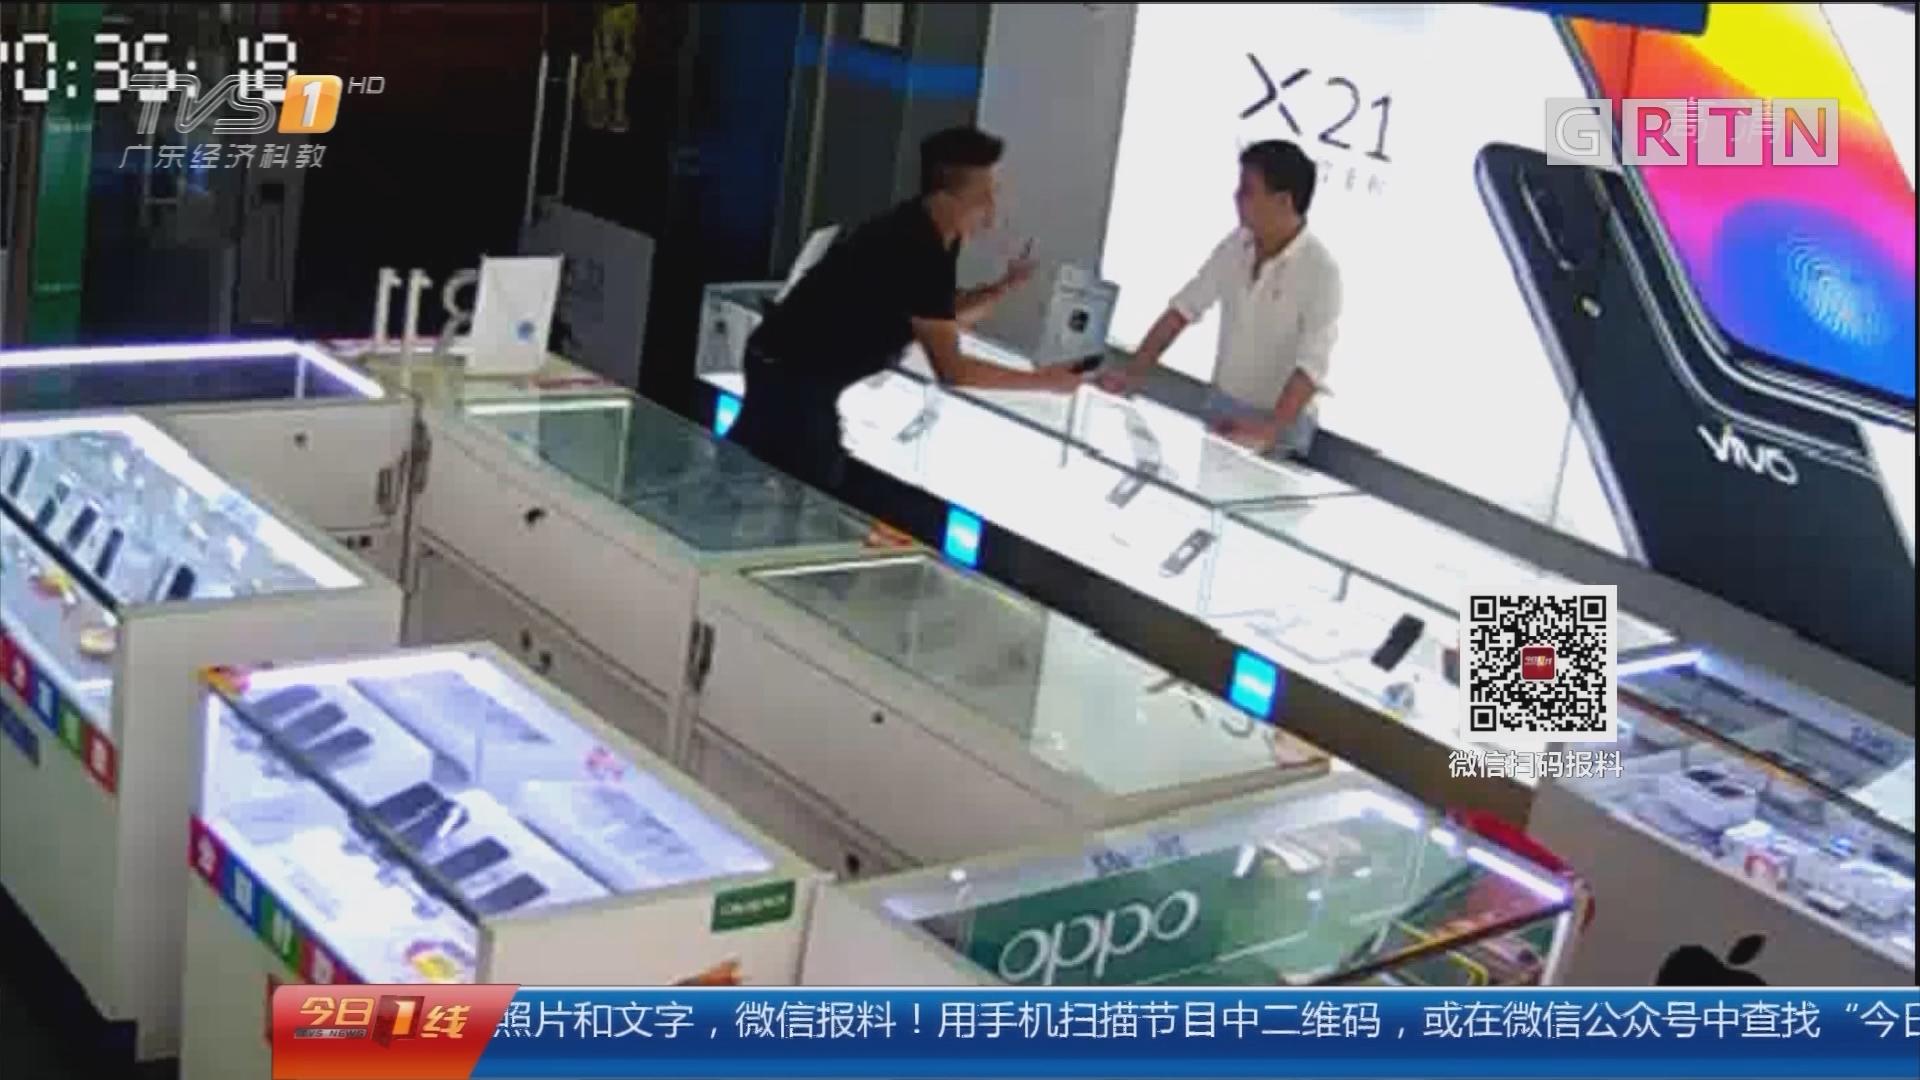 东莞塘厦:两小时内两宗抢劫手机案 约好的?